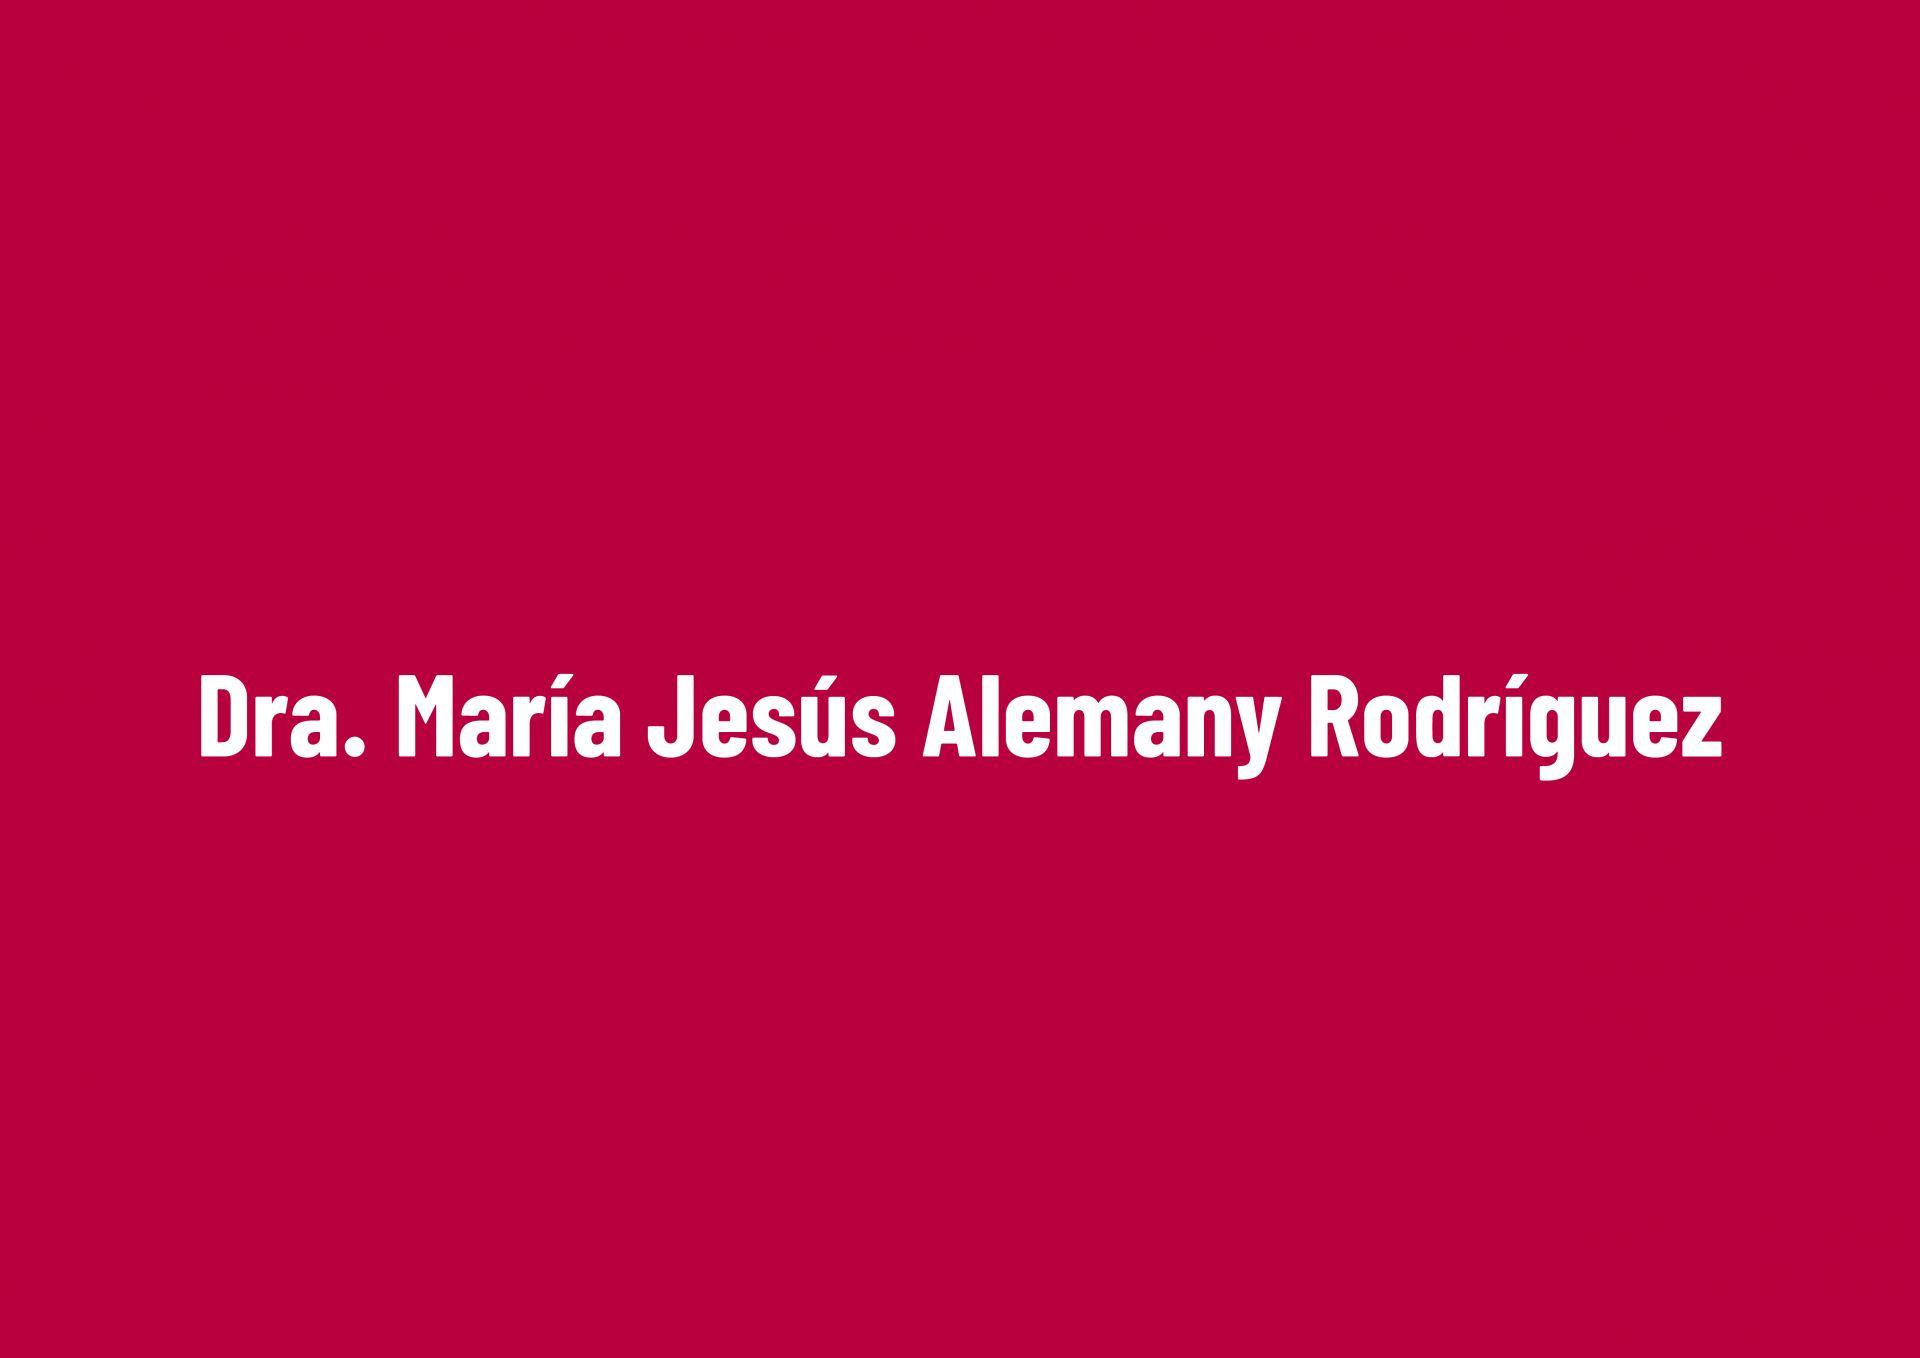 Dra. María Jesús Alemany Rodríguez